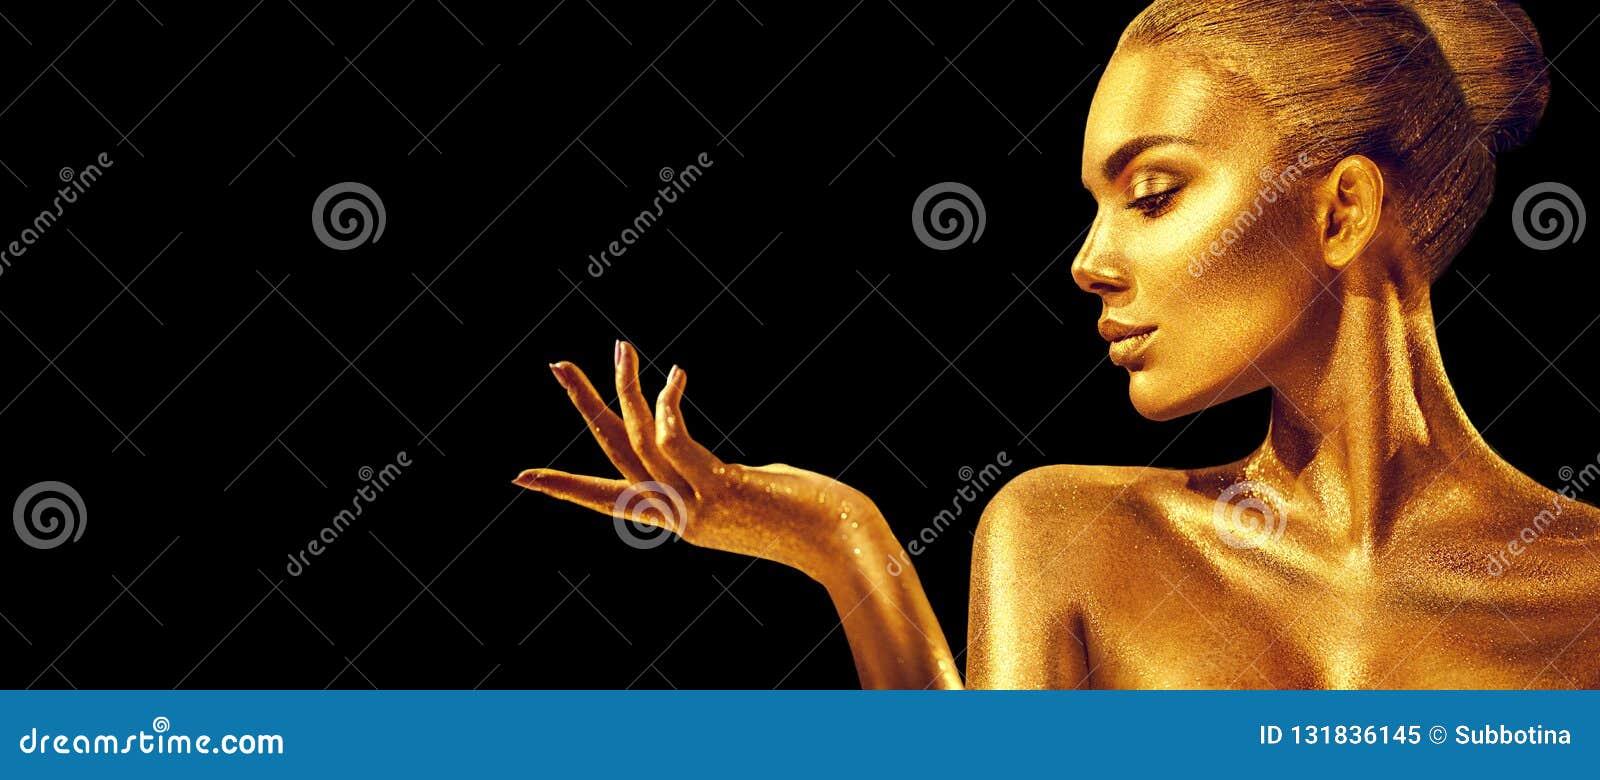 χρυσή γυναίκα Πρότυπο κορίτσι μόδας ομορφιάς με το χρυσά δέρμα, makeup, την τρίχα και τα κοσμήματα στο μαύρο υπόβαθρο